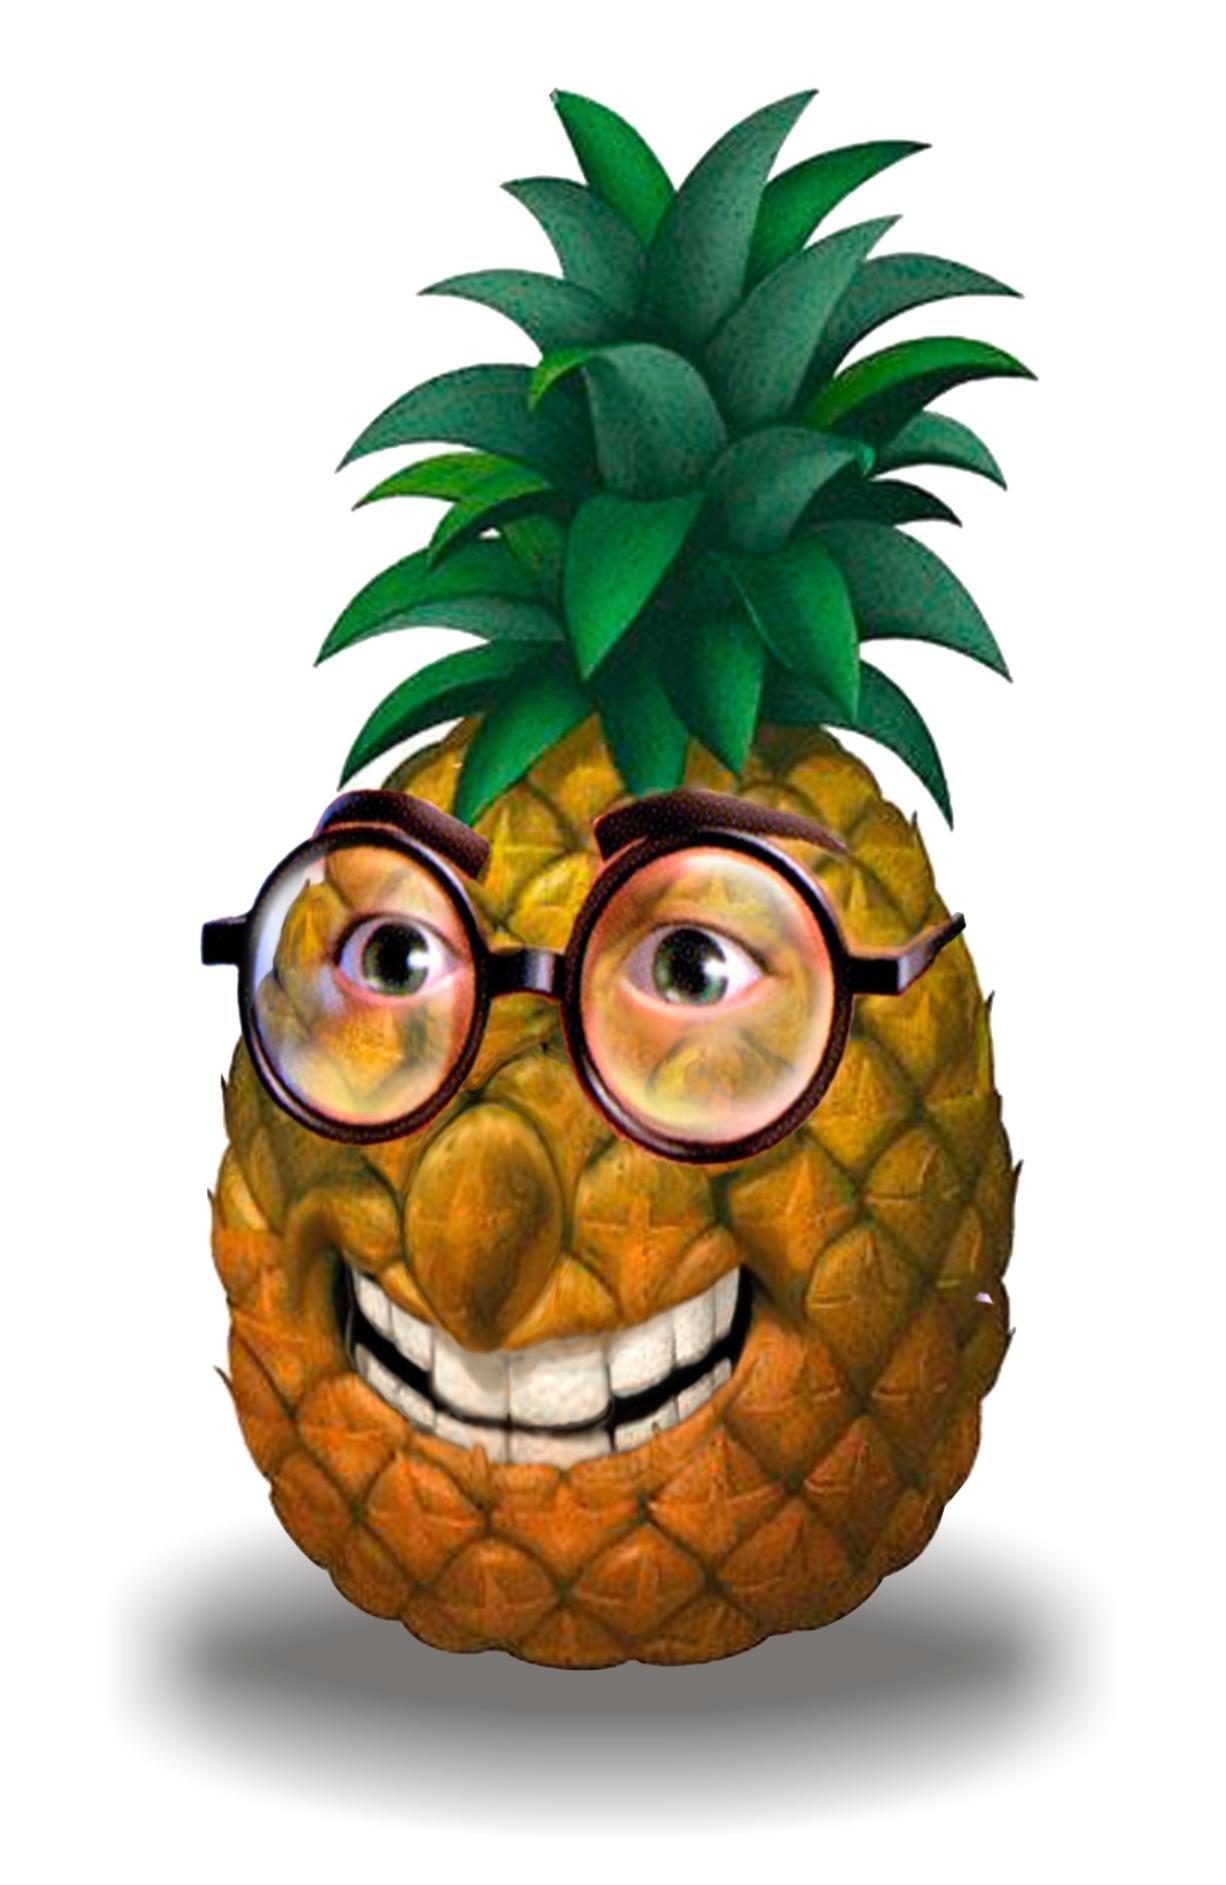 Плейкаст, картинки с ананасом смешные